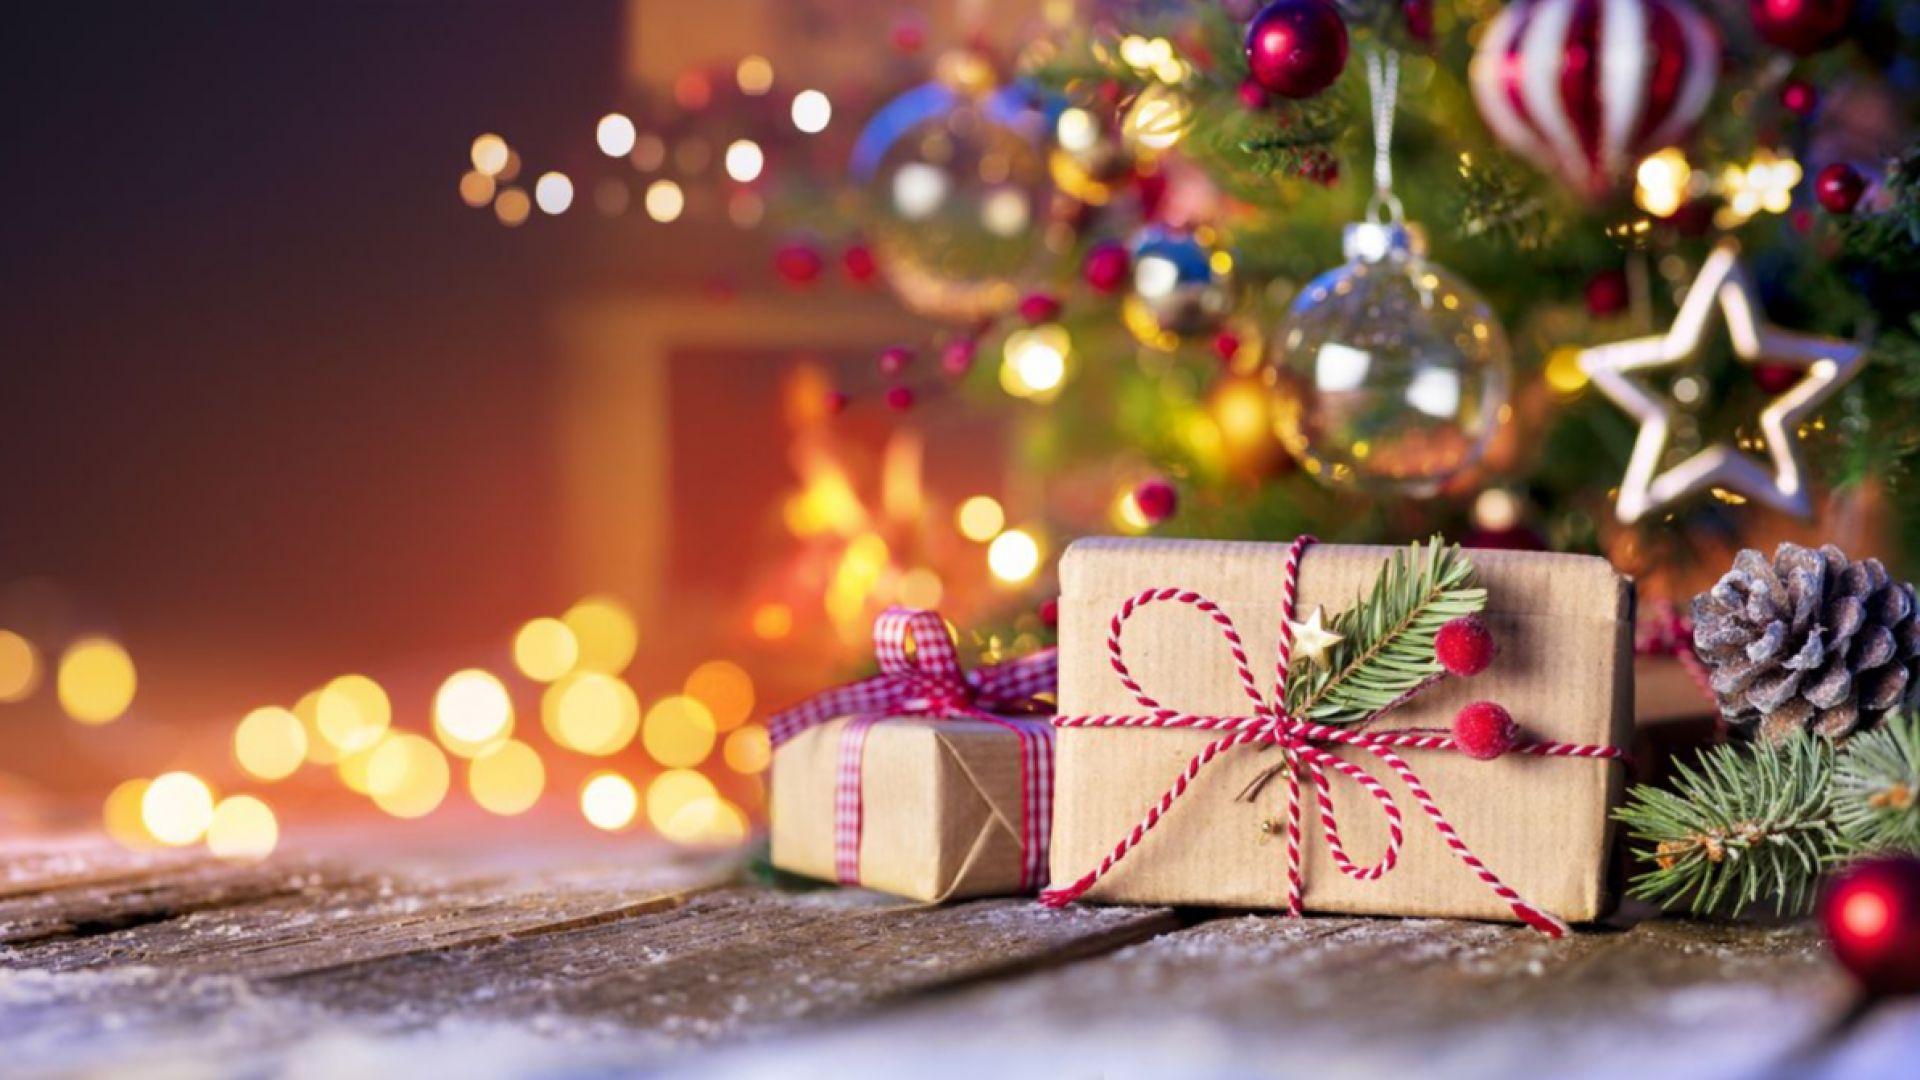 Българите похарчили 2.4 млрд. лв. за Нова година